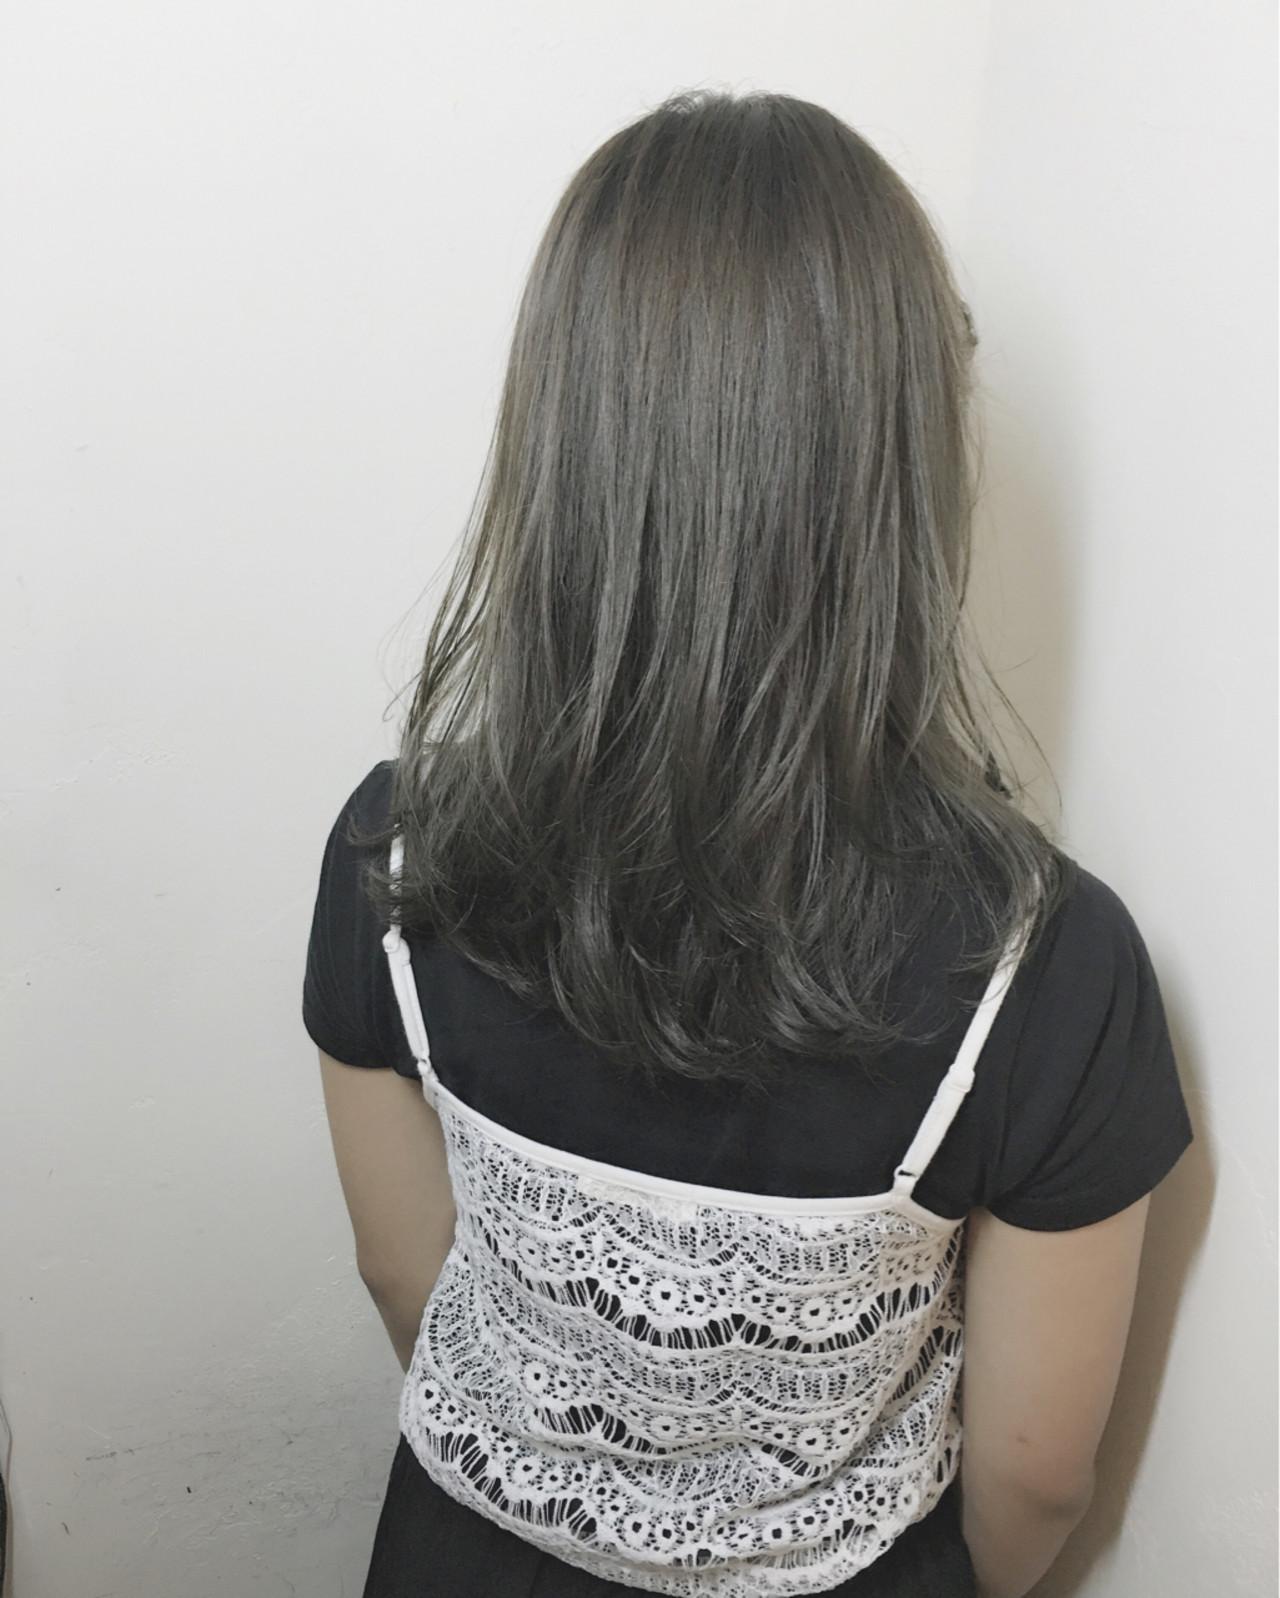 くすみ感が魅力の旬色「アッシュグレー」。市販品でセルフヘアカラーの注意点まとめ 須賀 ユウスケ